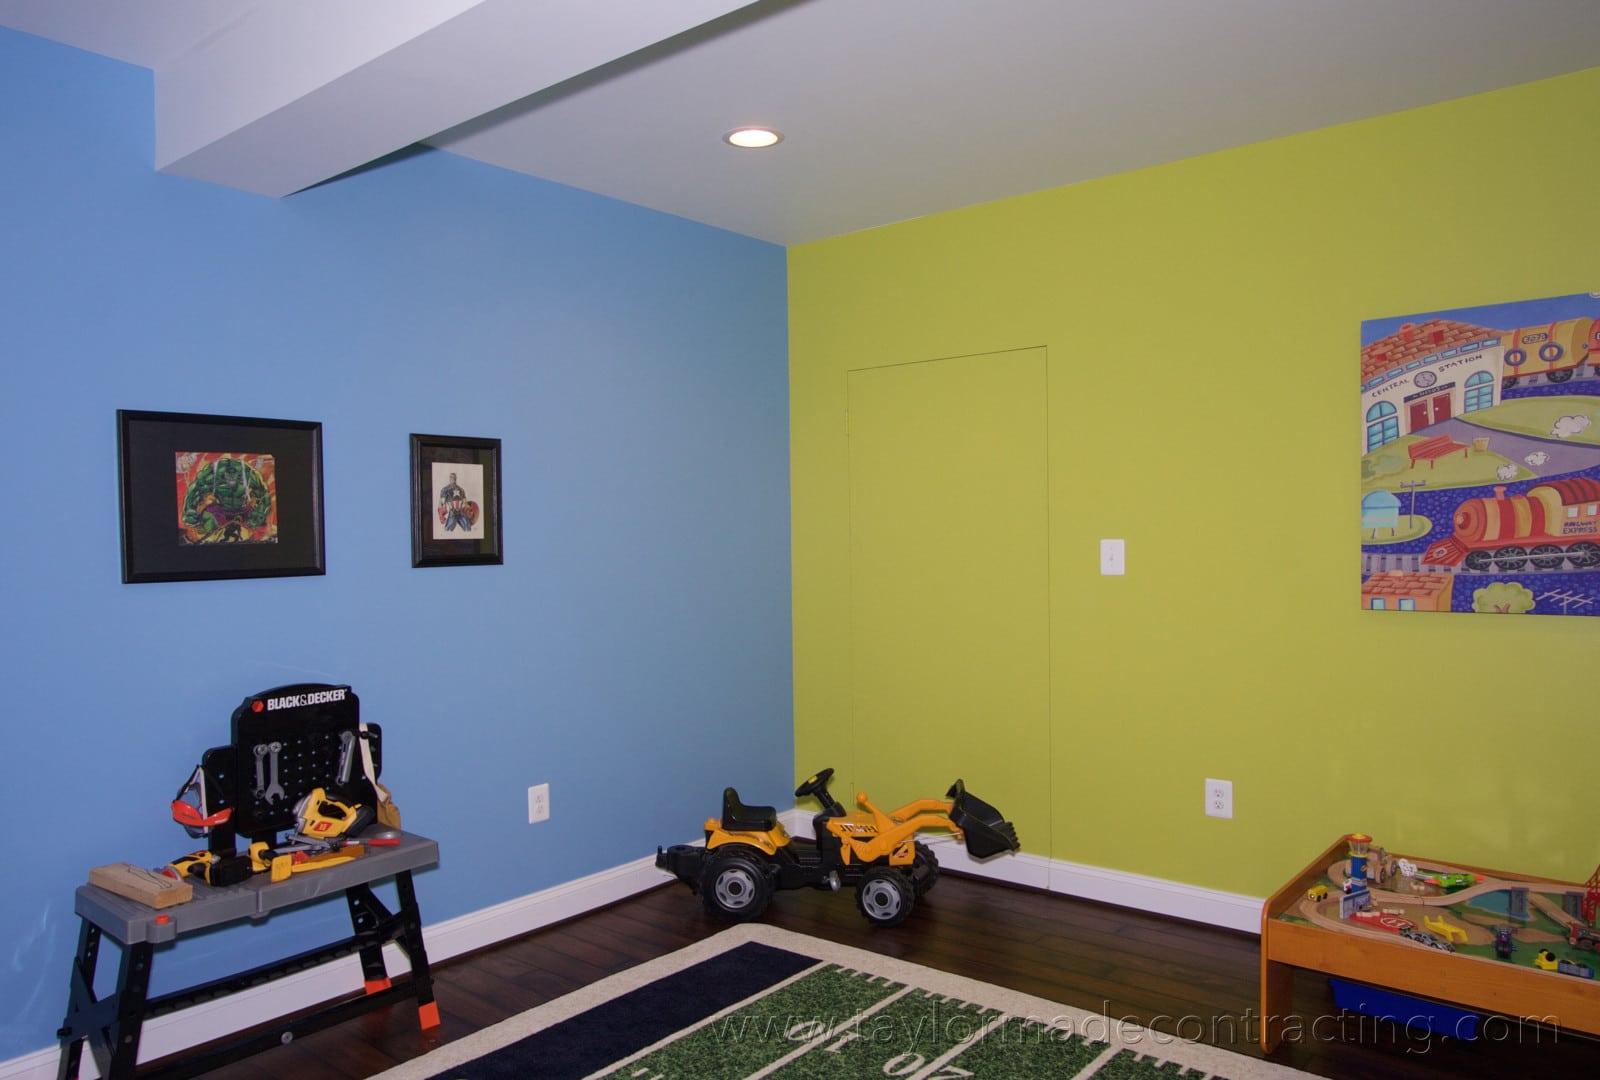 playroom area